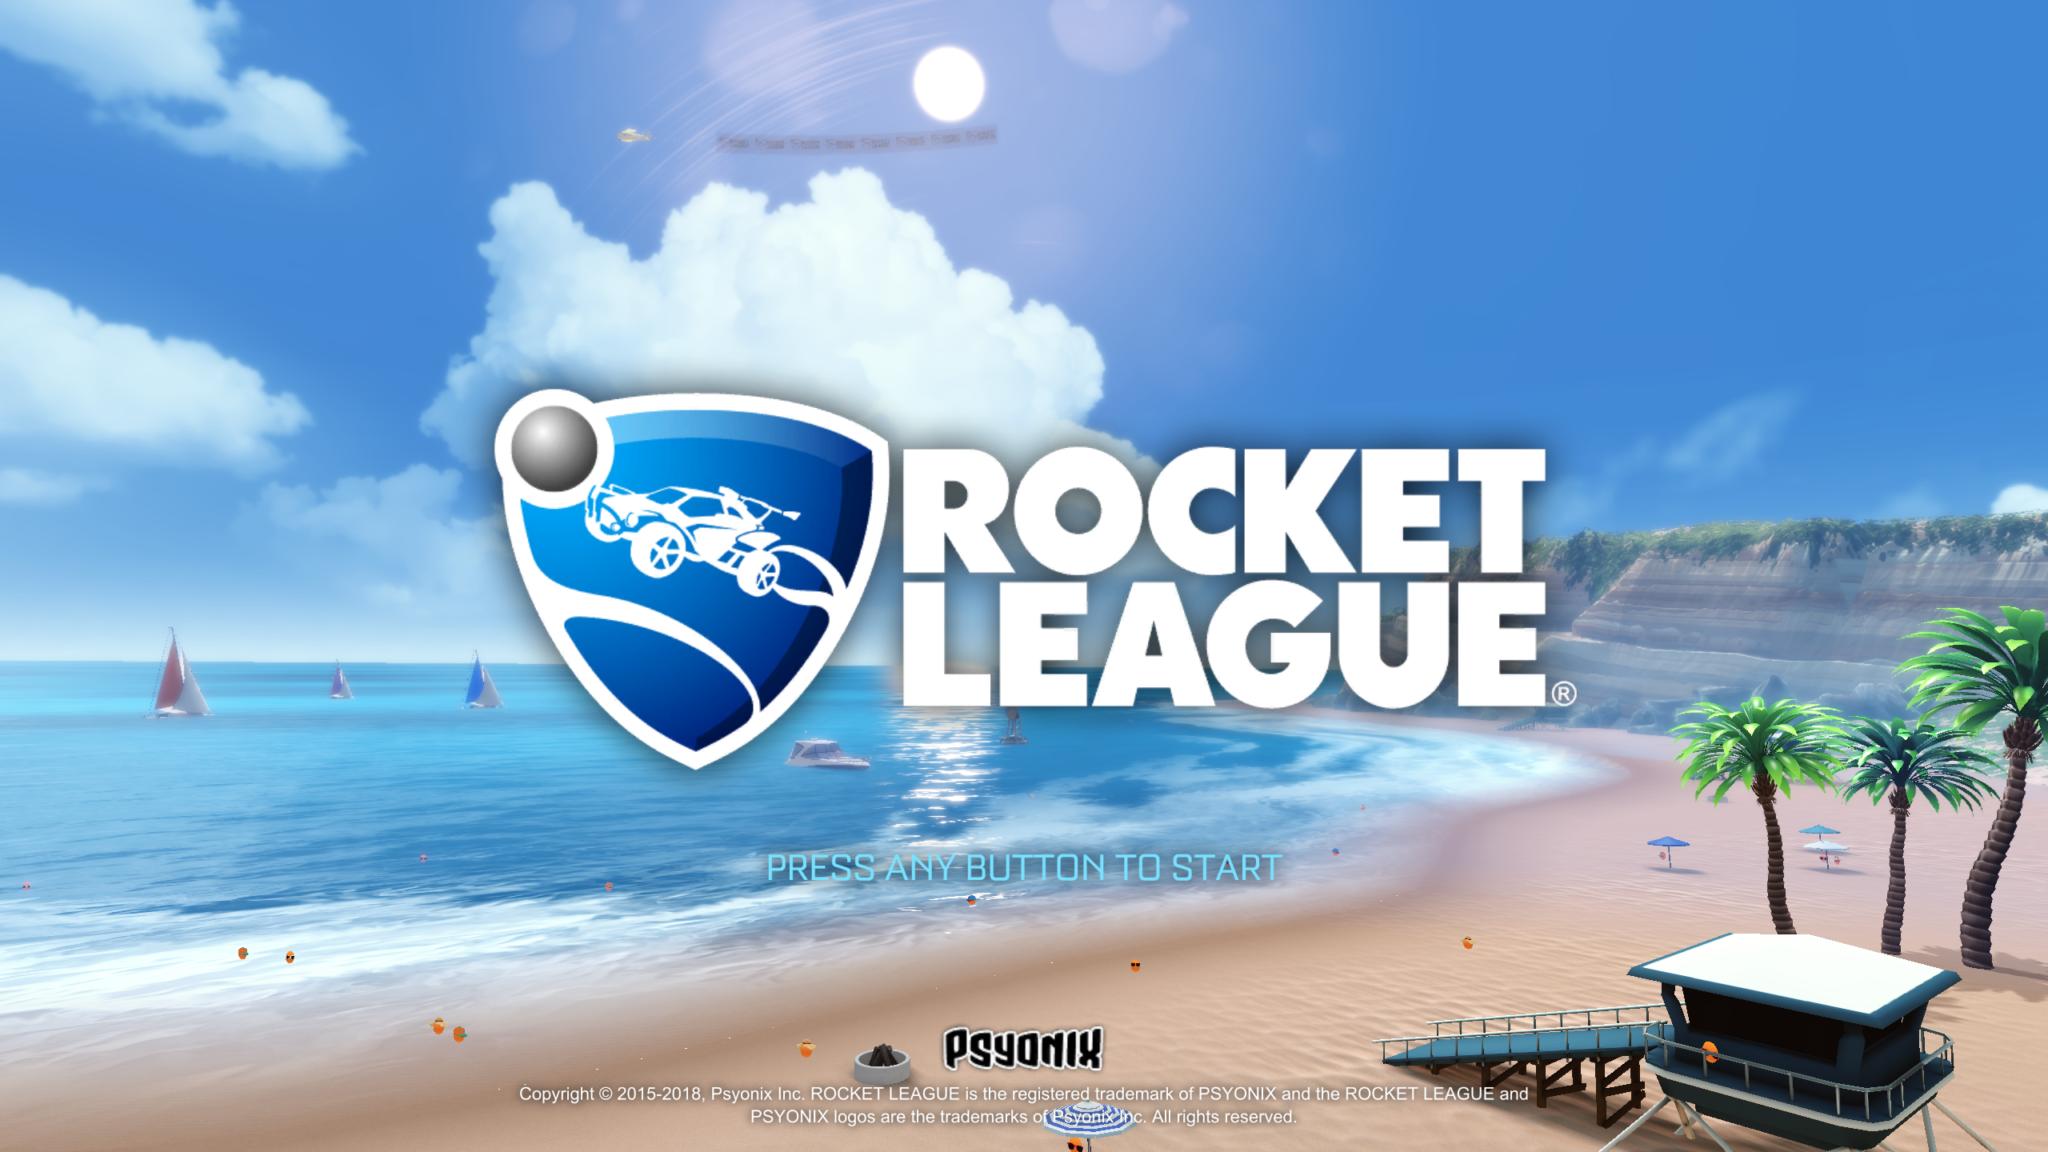 ロケットリーグを楽しむためのTIPS